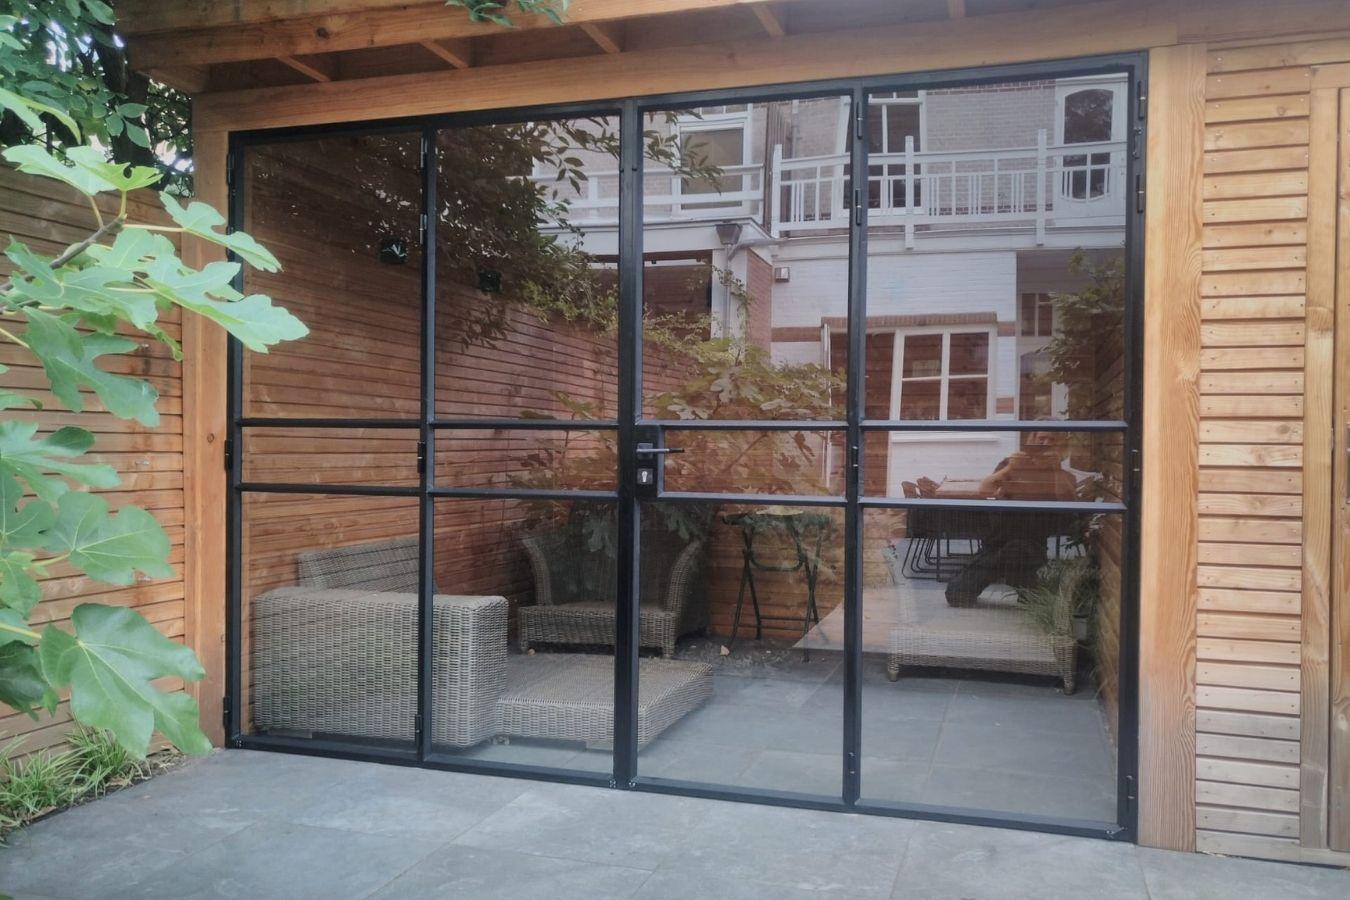 vouwdeuren van staal in tuinkamer